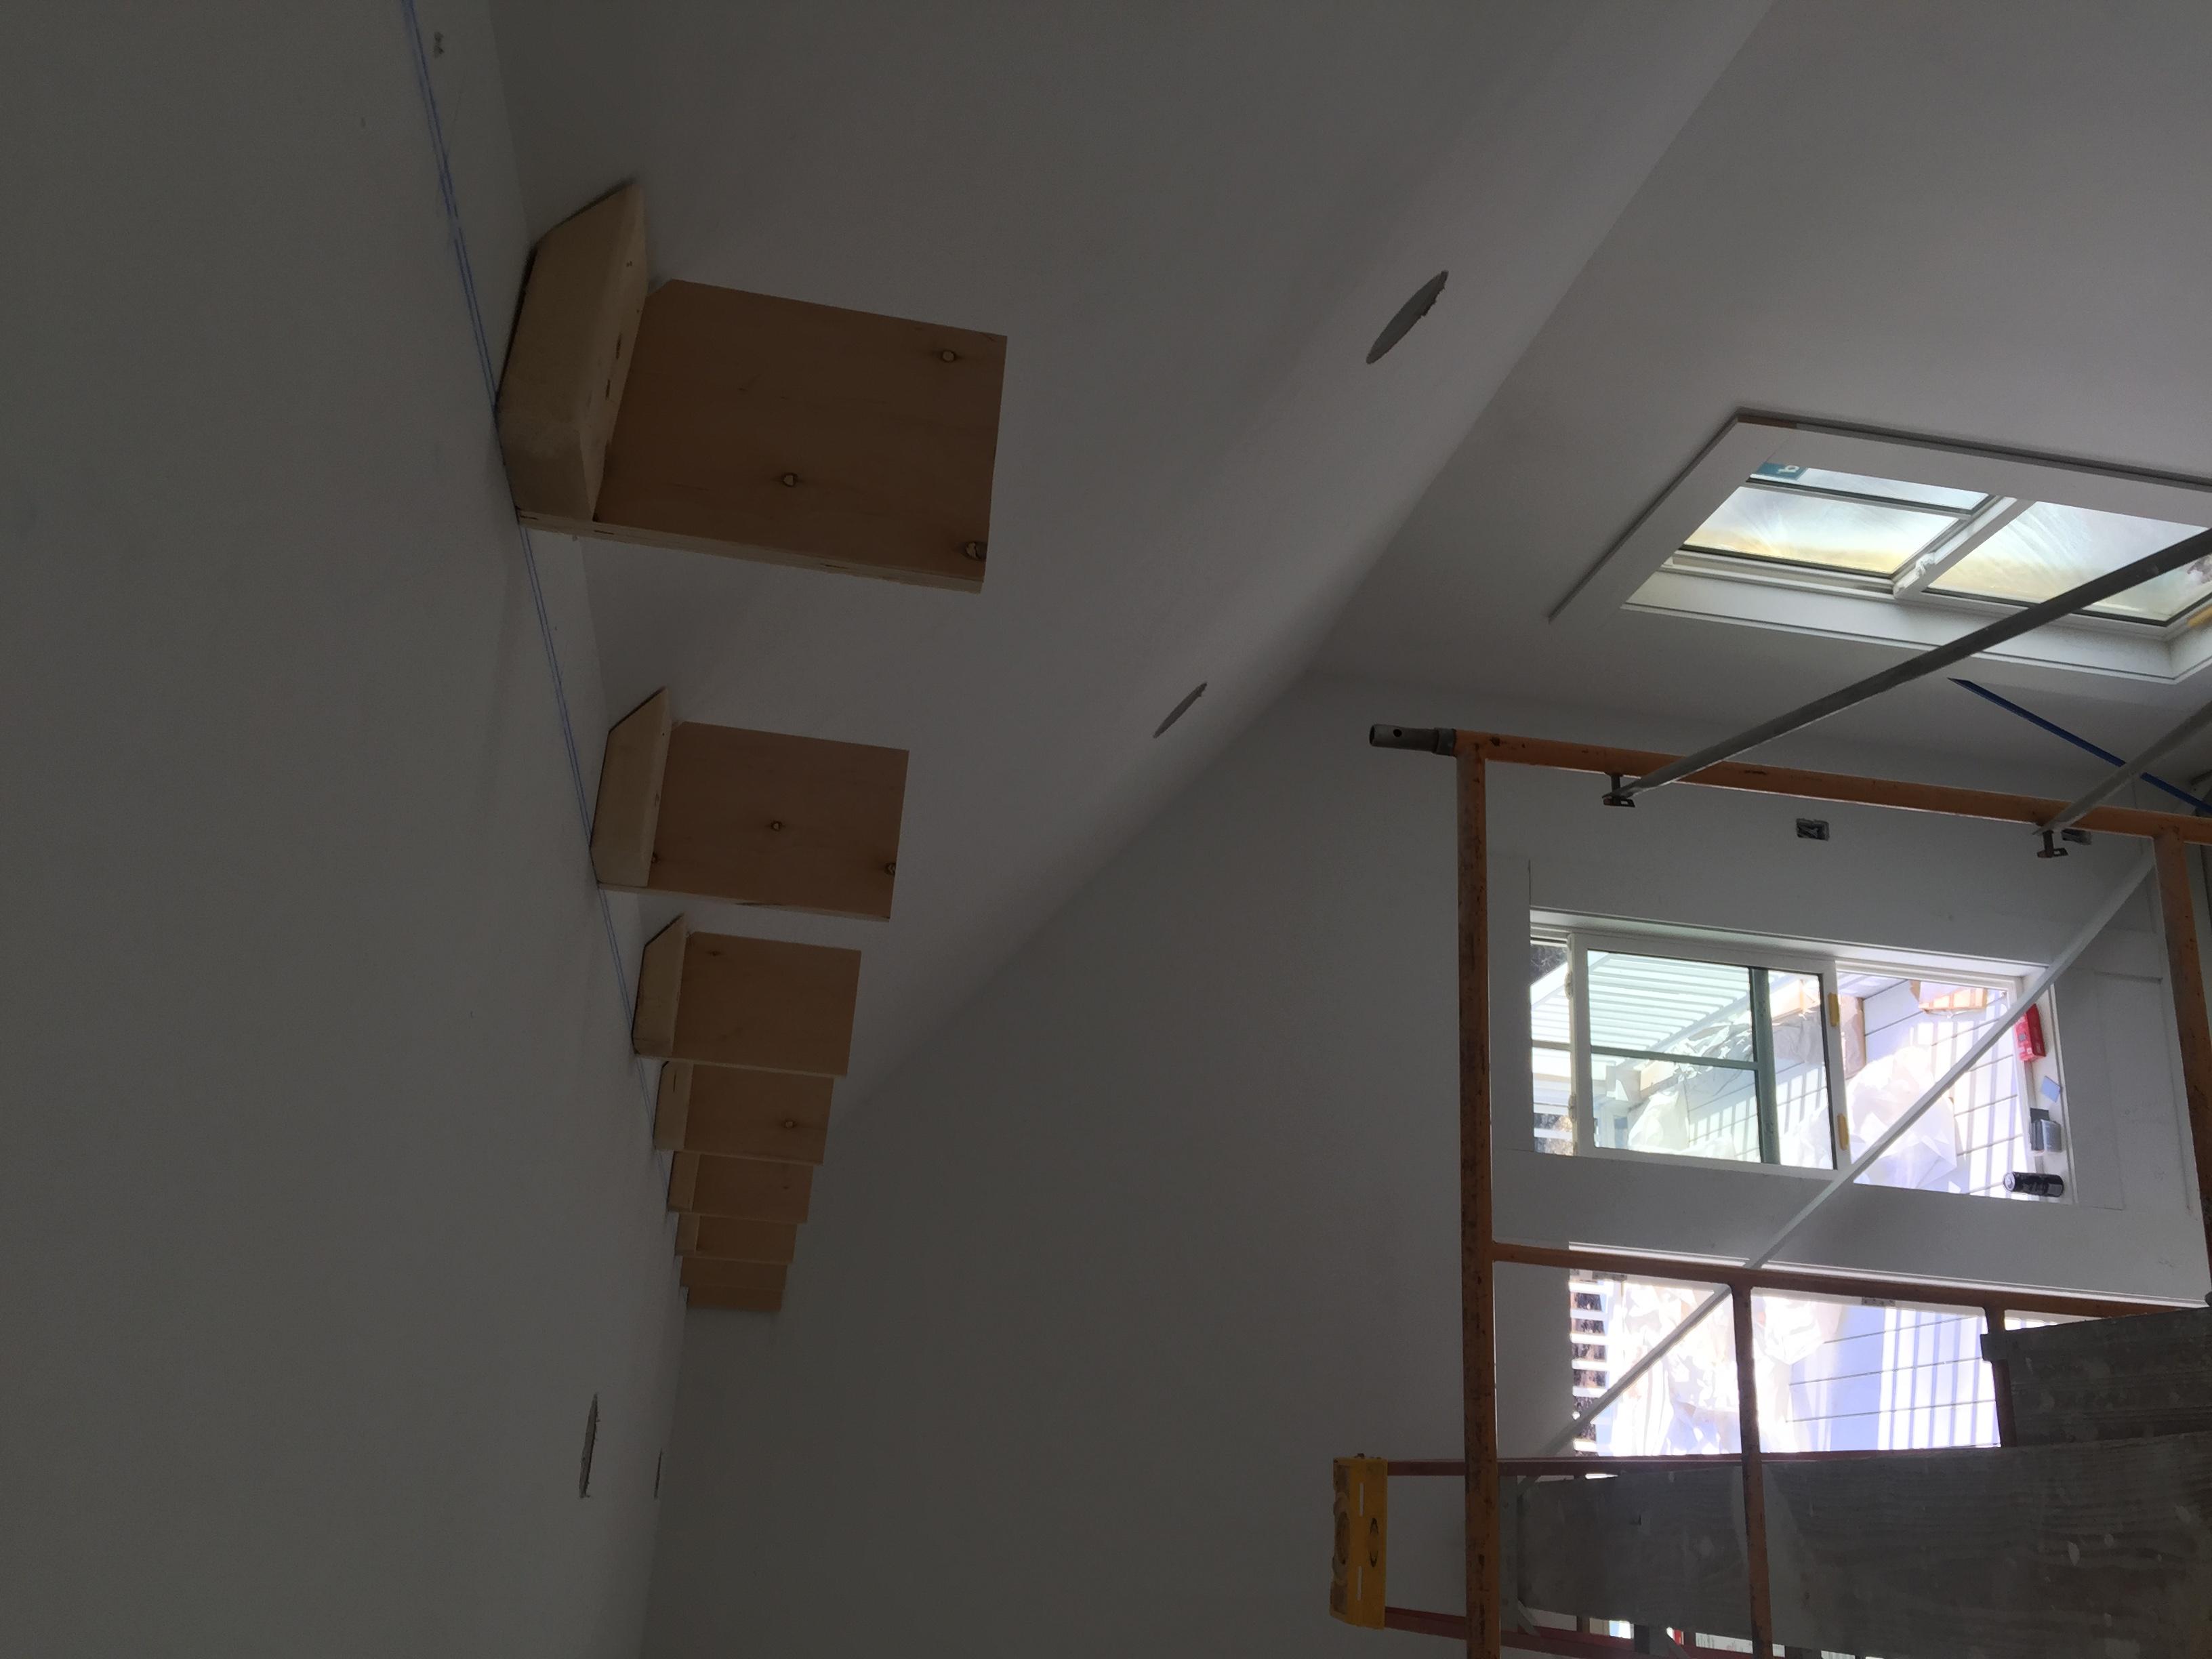 Box beams-322d5121-979d-49d4-8d15-d5bfbf1b5475_1518052370041.jpeg